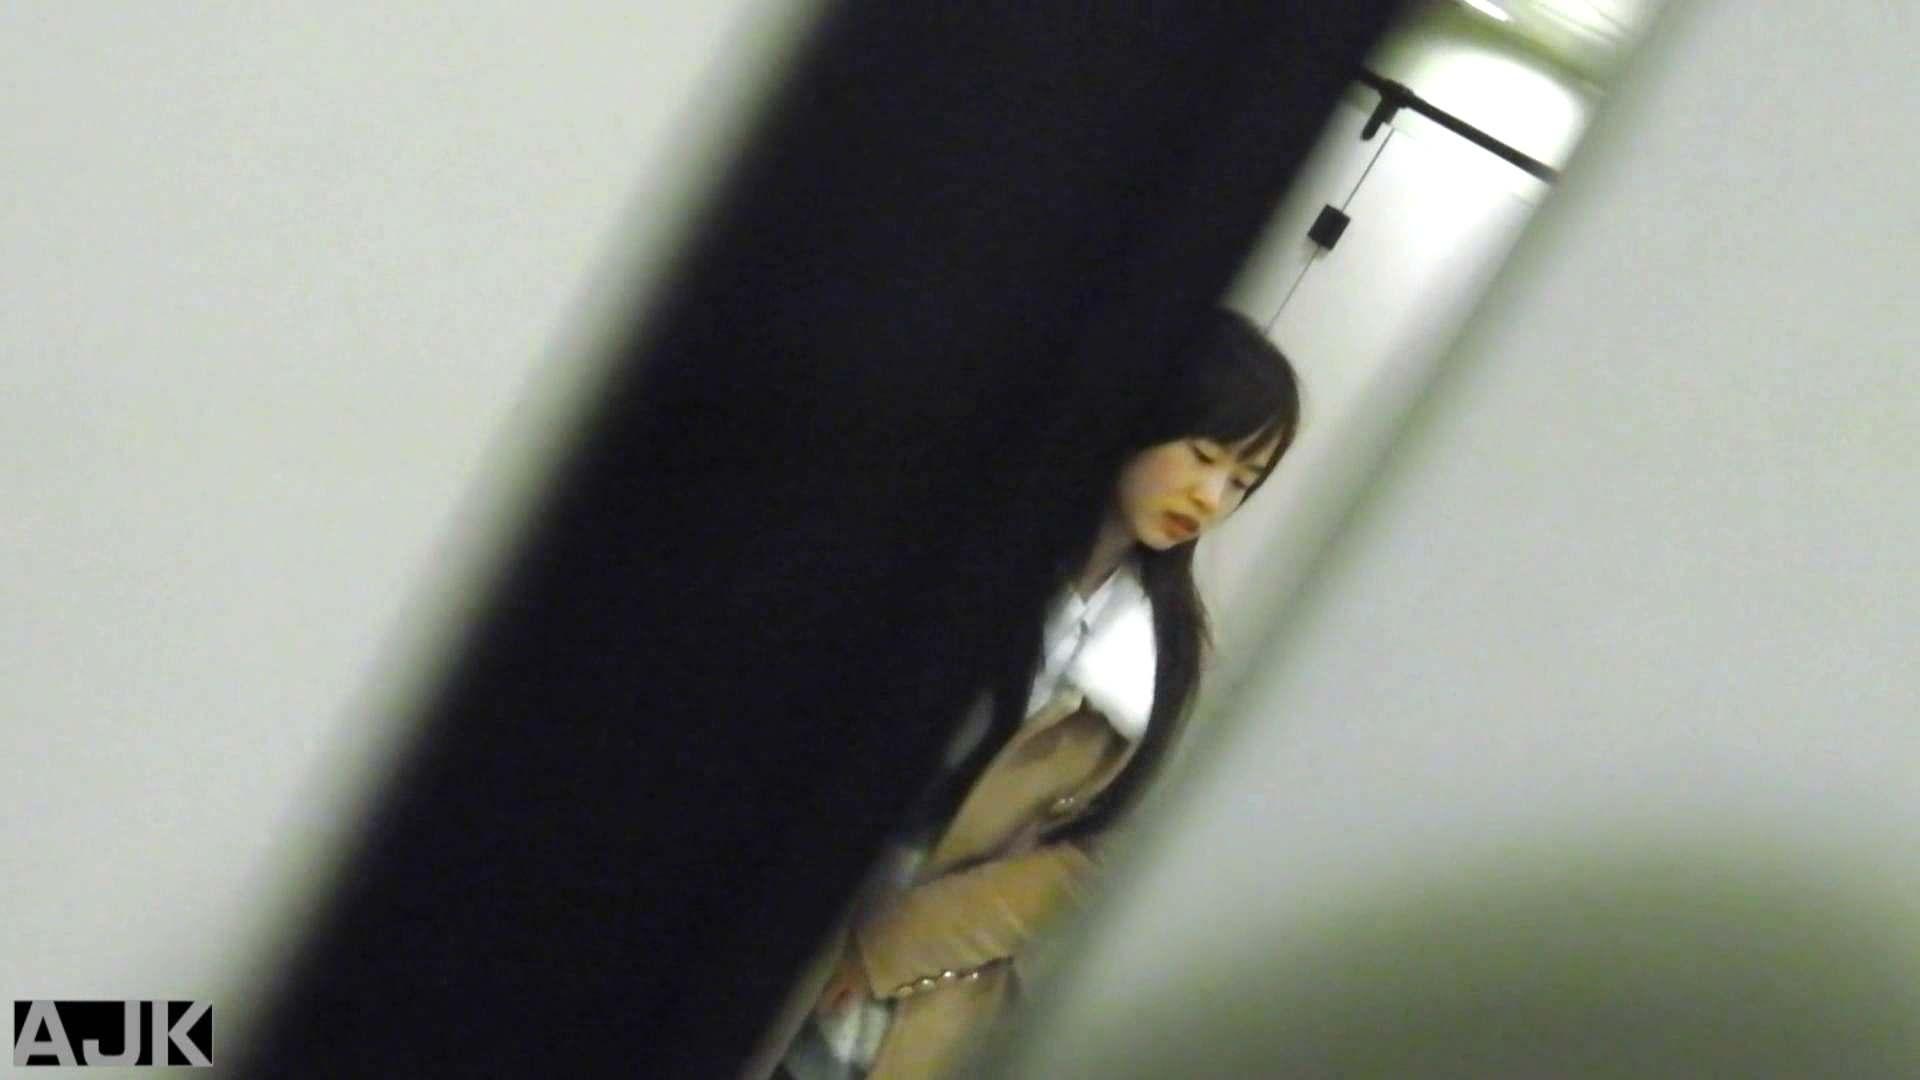 神降臨!史上最強の潜入かわや! vol.18 美女エロ画像 AV動画キャプチャ 98PICs 47